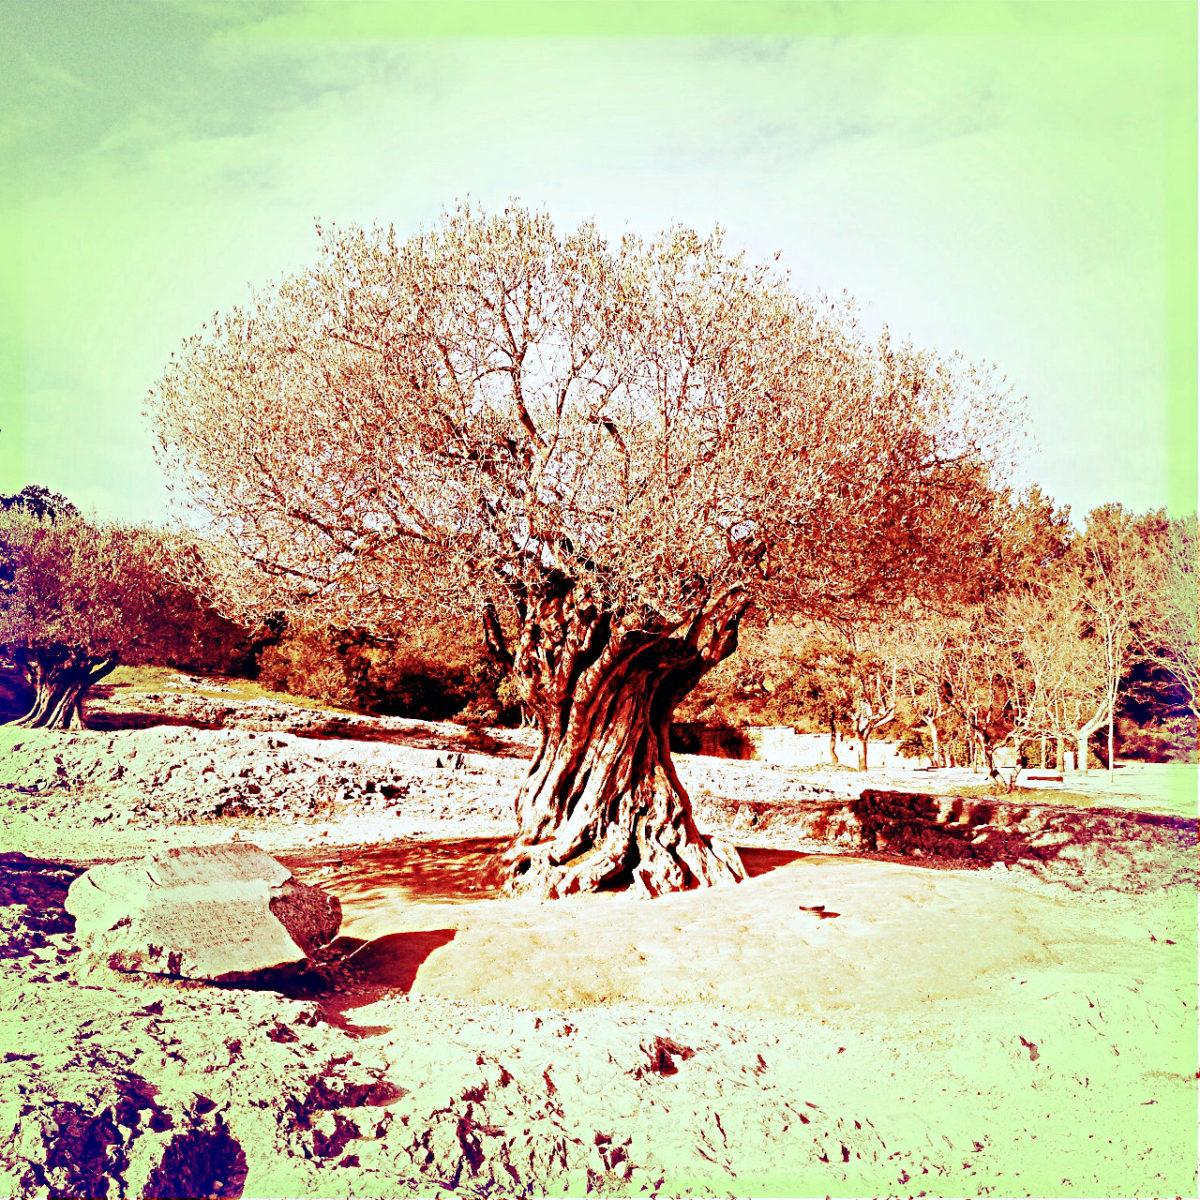 Dystopisches Retrofoto, quadratisch mit grünlichem Himmel und einem uralten, sich drehenden Olivenbaum